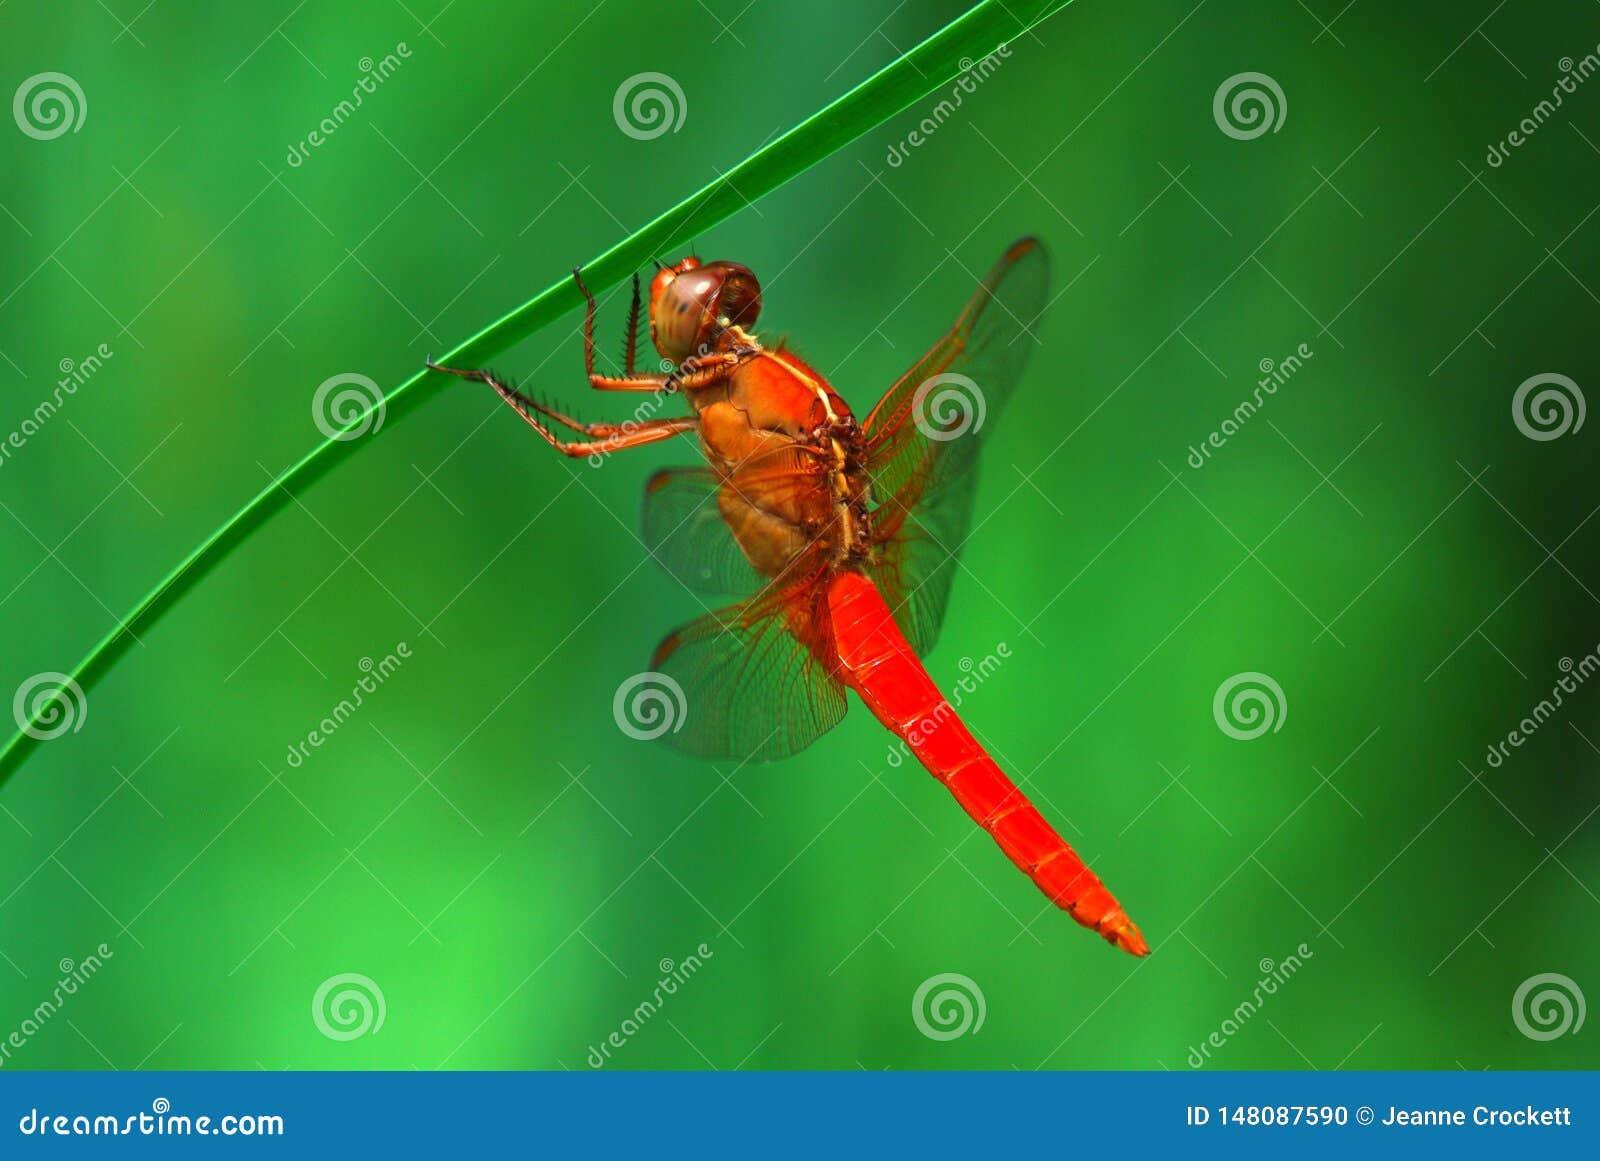 Libellula rossa che pende da una canna